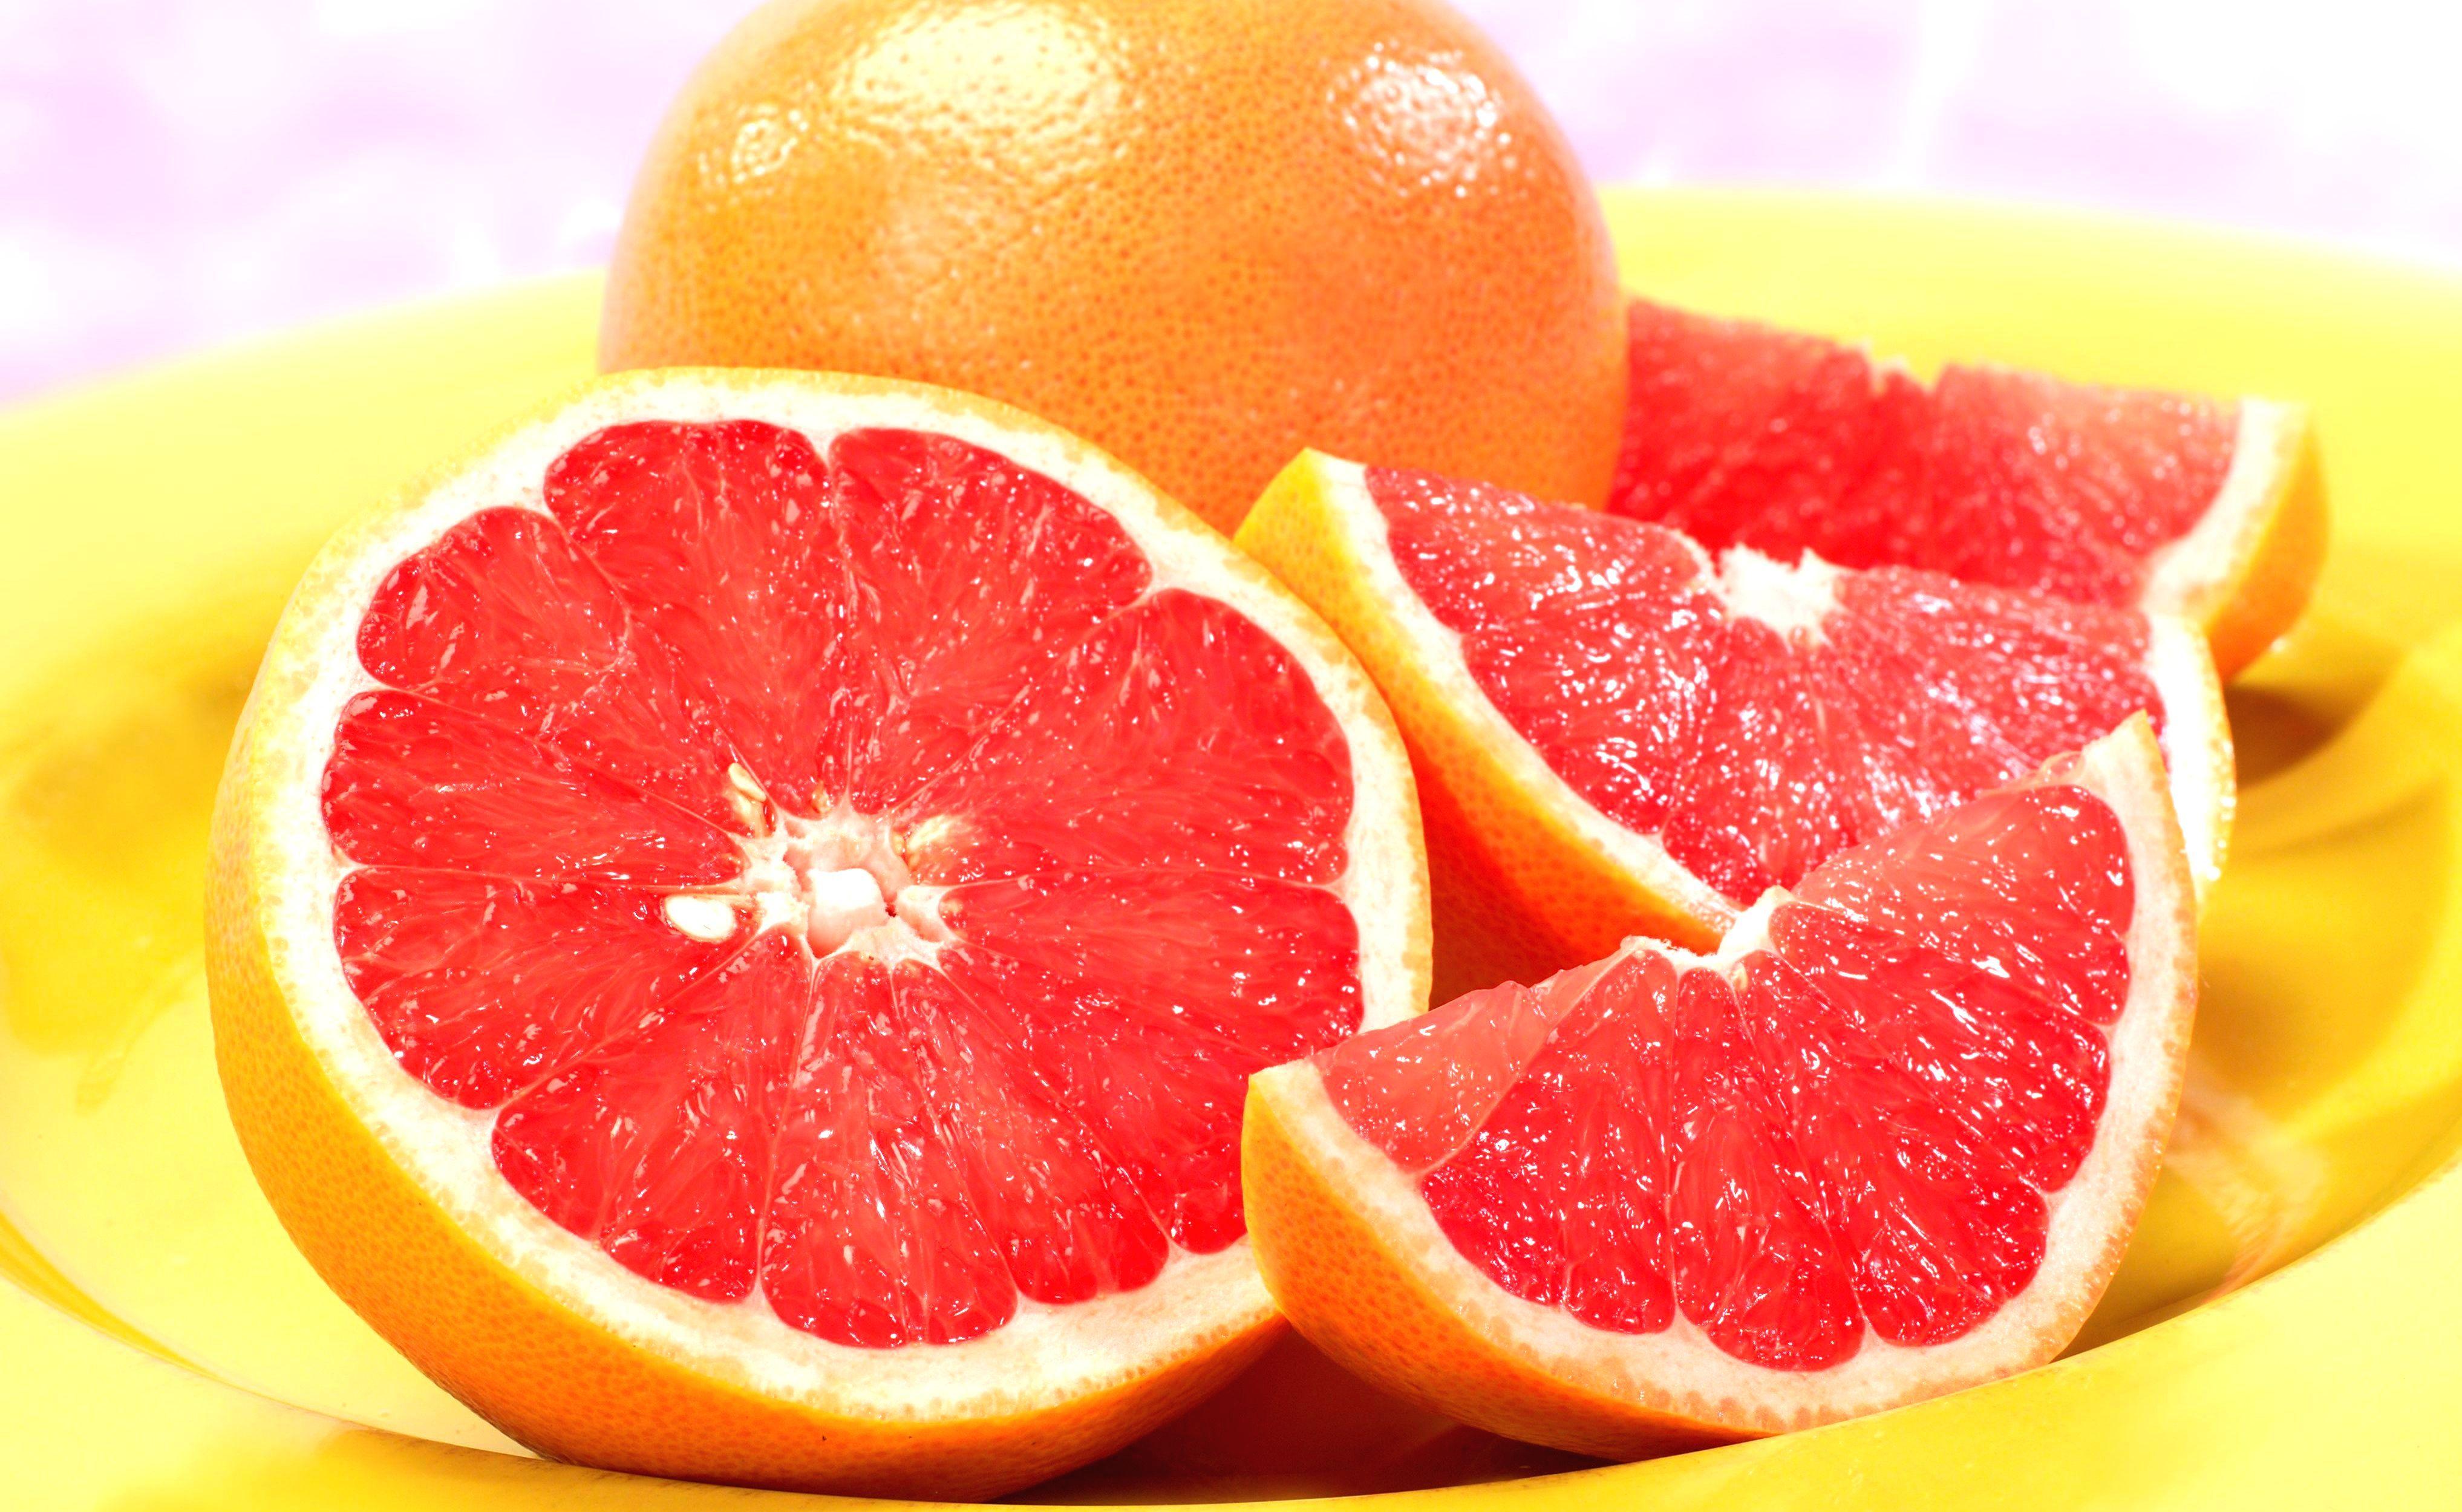 дольки грейпфрута  № 2133909 бесплатно